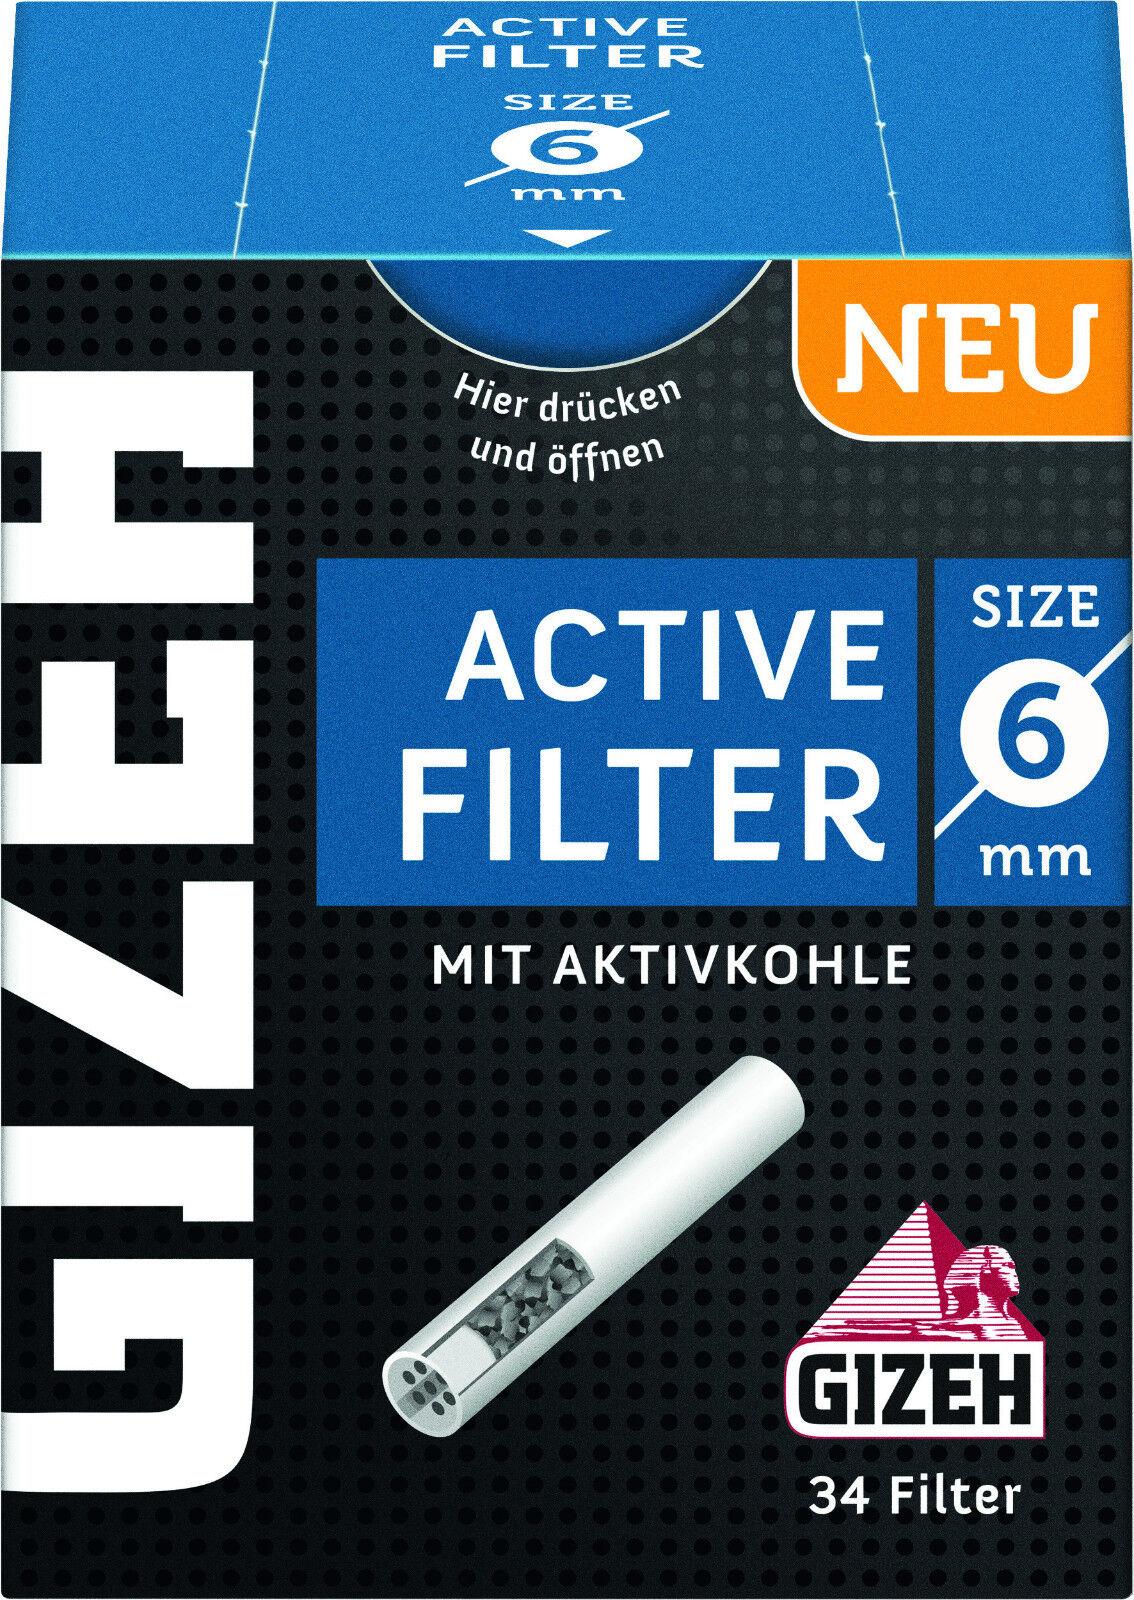 Gizeh Active Filter Slim 5 x 34er Ø 6 mm - 34 Stk Aktivkohle - Joint Tips -